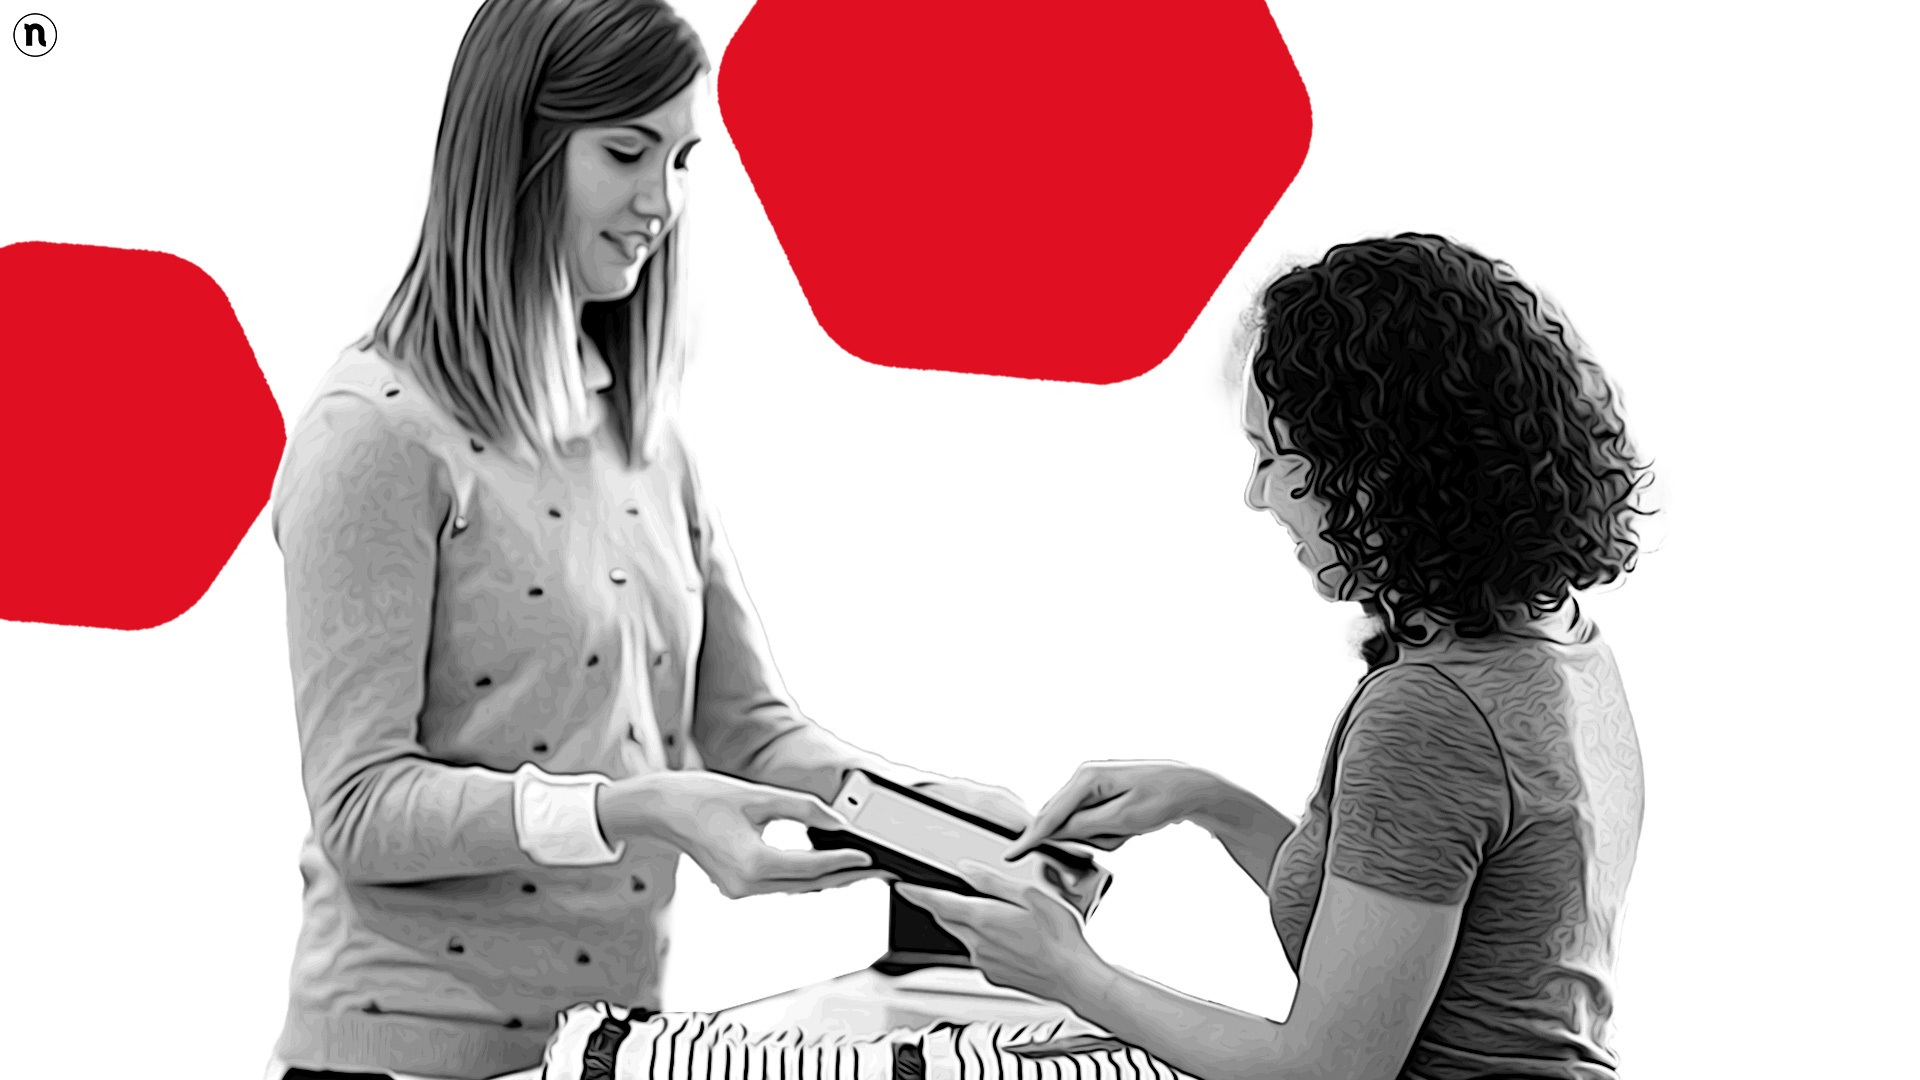 Come massimizzare il customer journey e fidelizzare i clienti dalla 1° interazione con il marchio